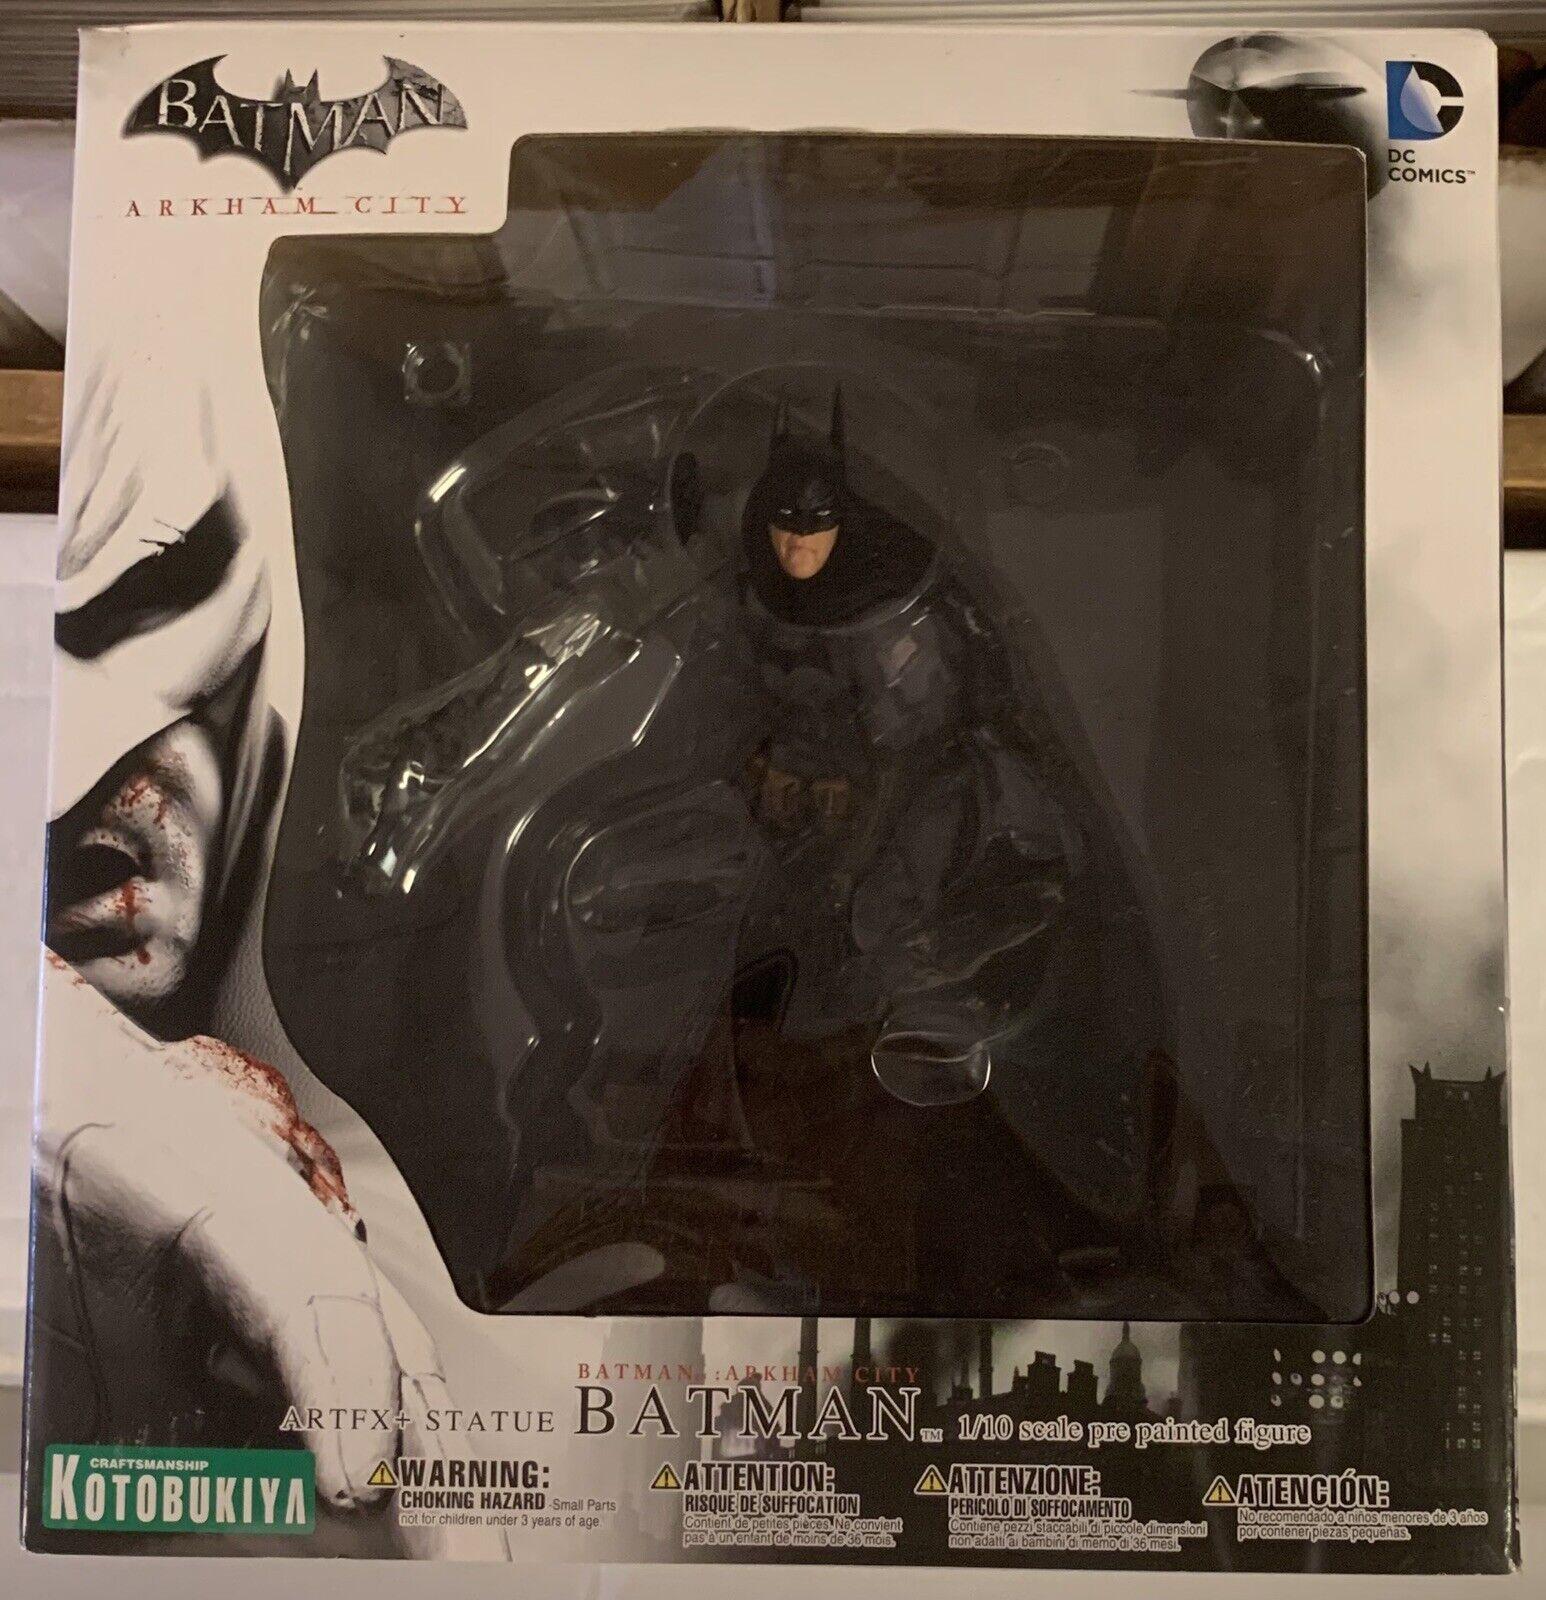 Batman ArtFX Statue Batman Arkham City DC Comics New